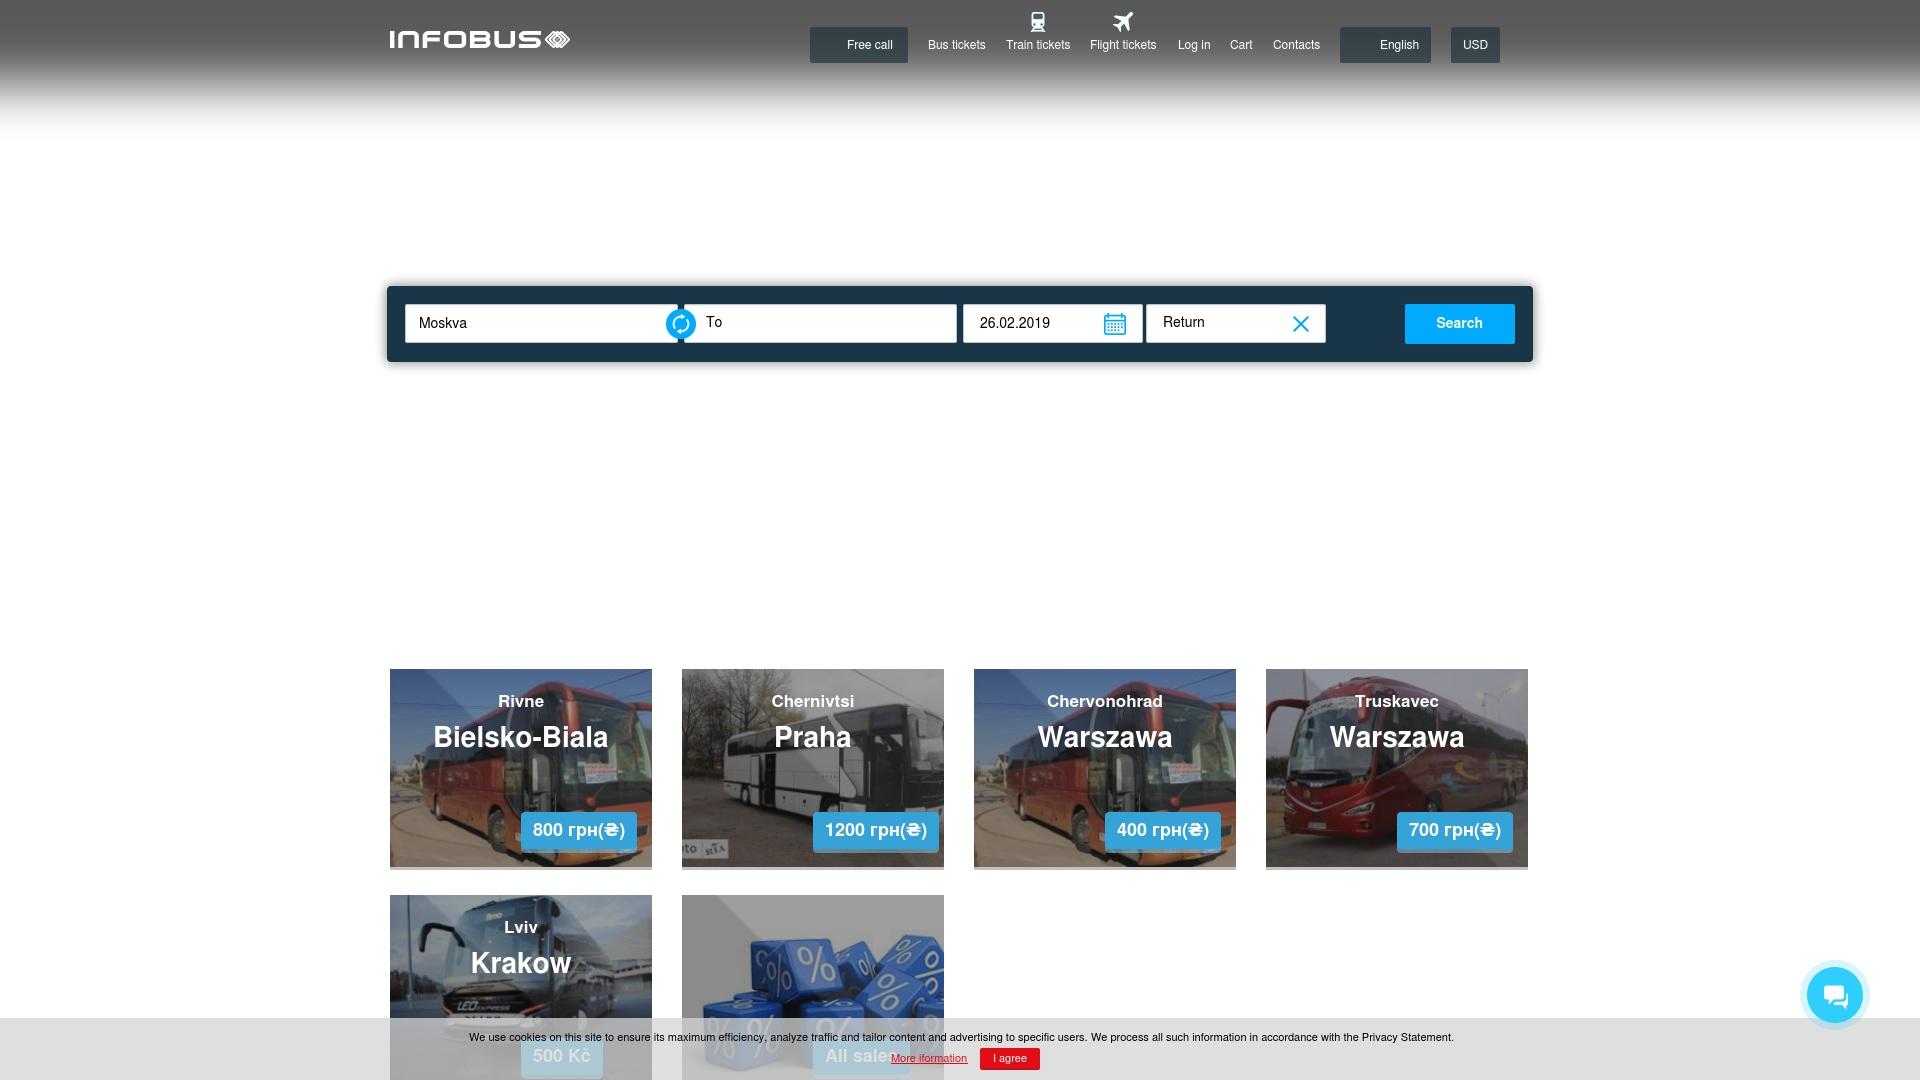 Gutschein für Infobus: Rabatte für  Infobus sichern